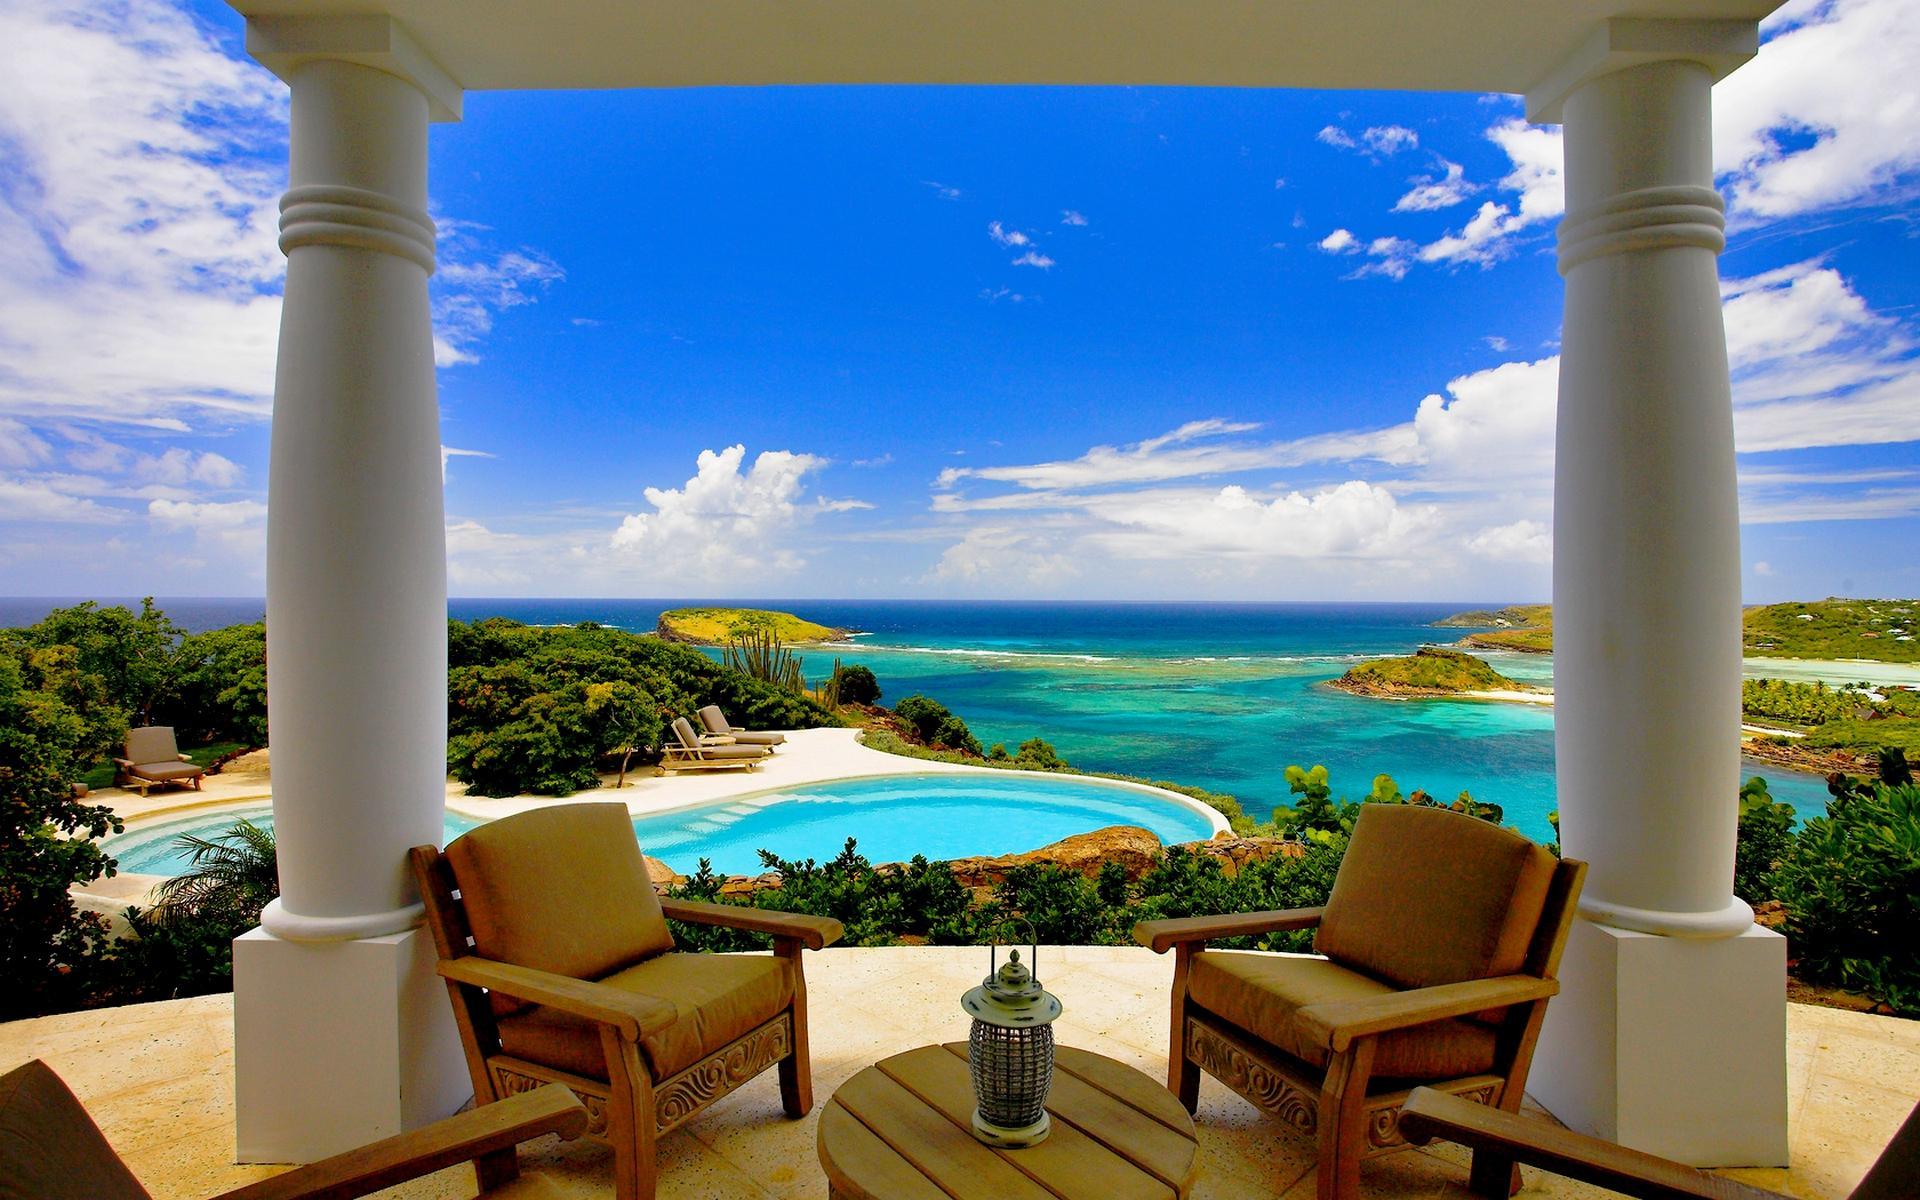 Best 38 Vacationing Wallpaper on HipWallpaper Vacationing 1920x1200